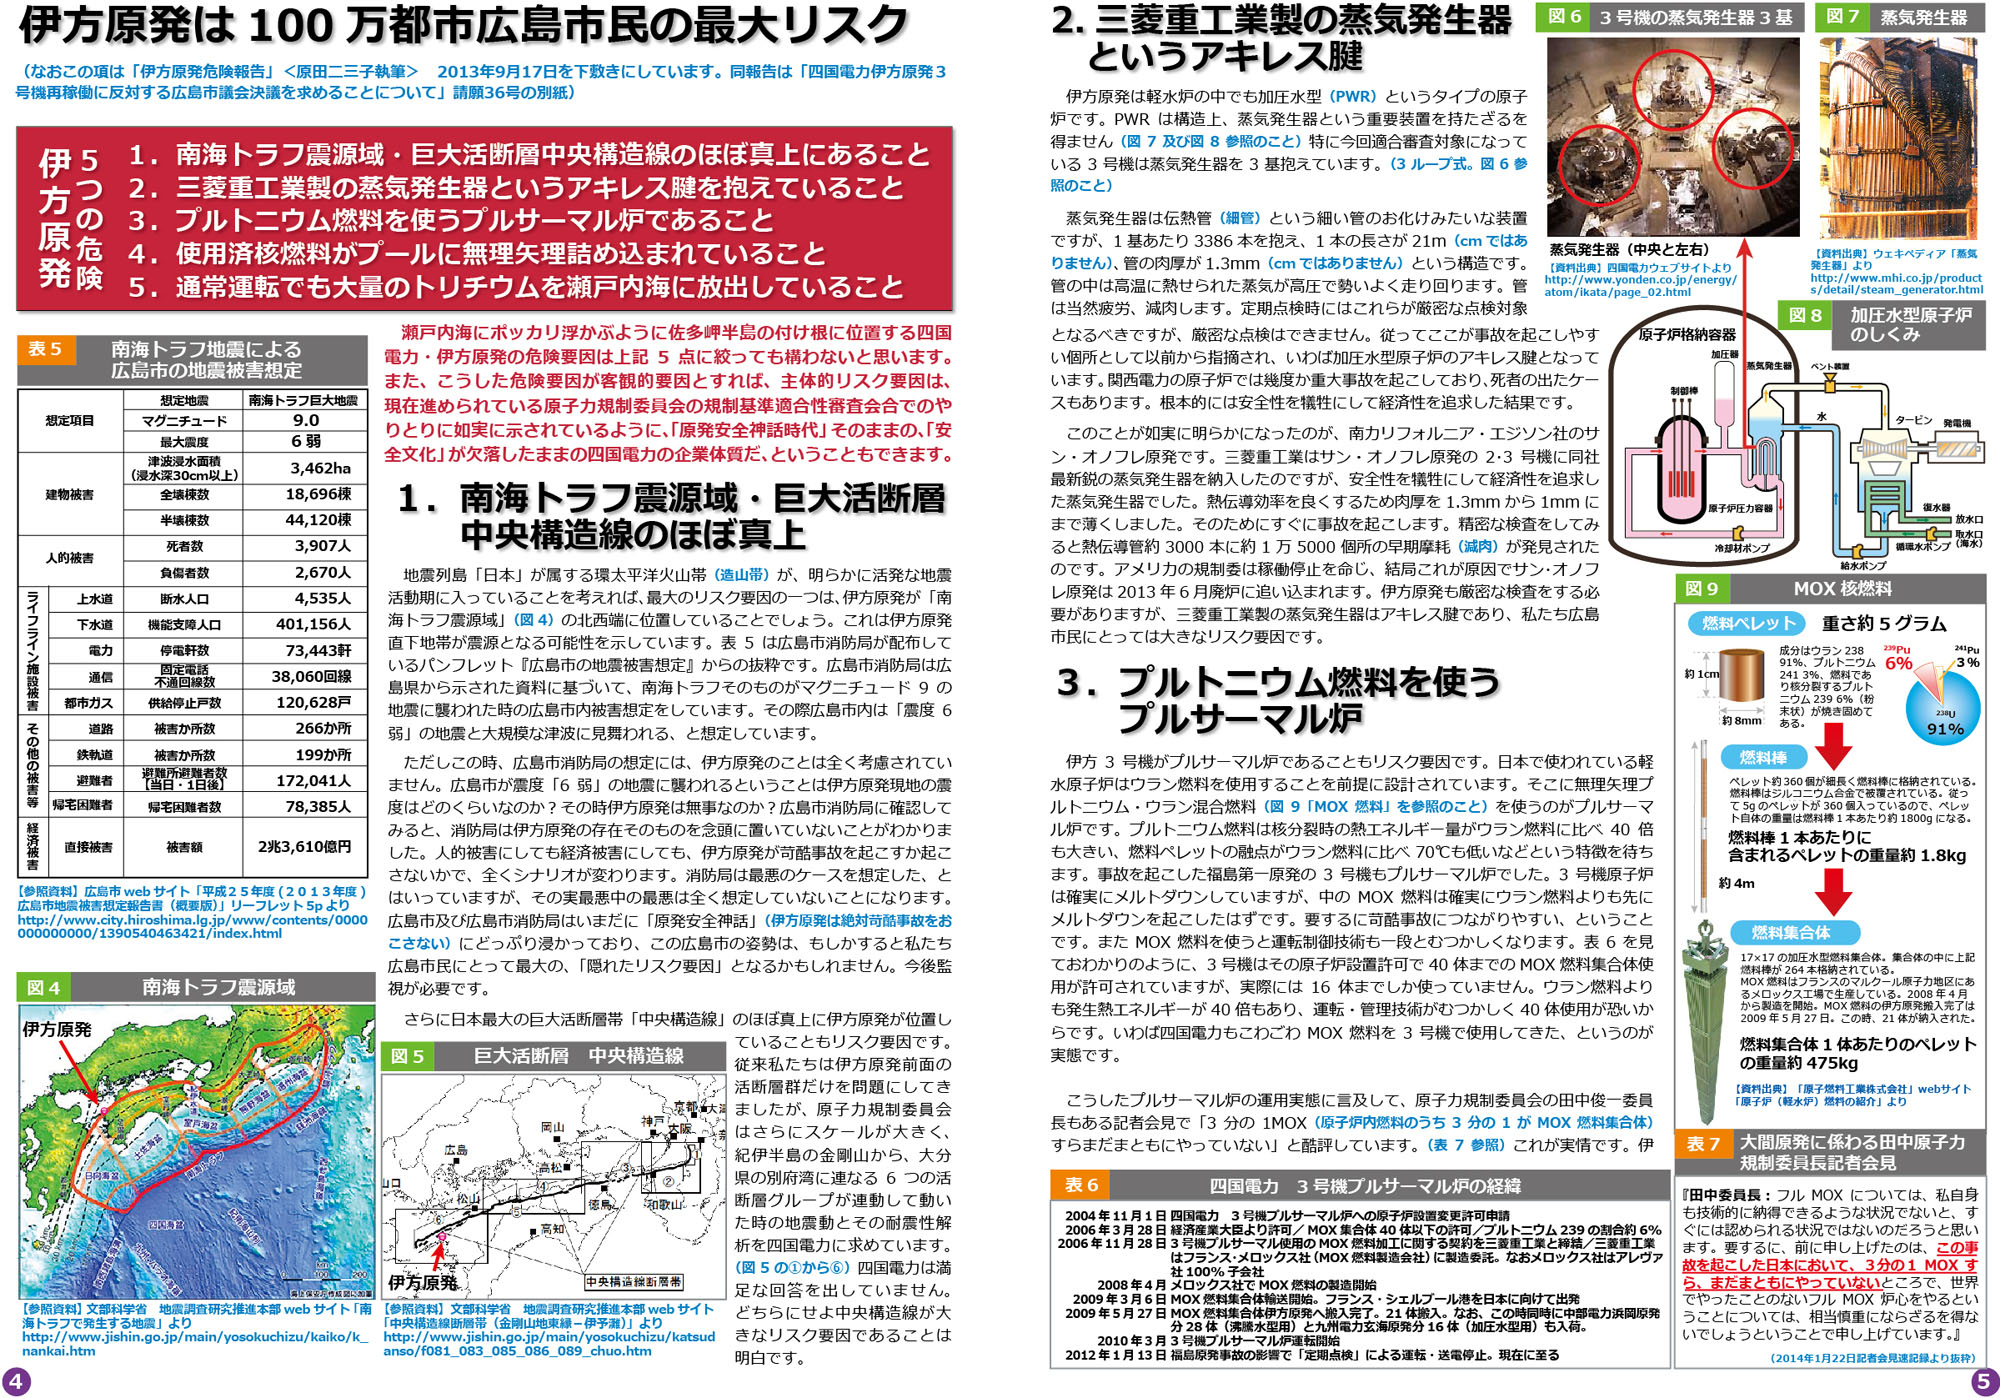 ファイル 277-3.jpg